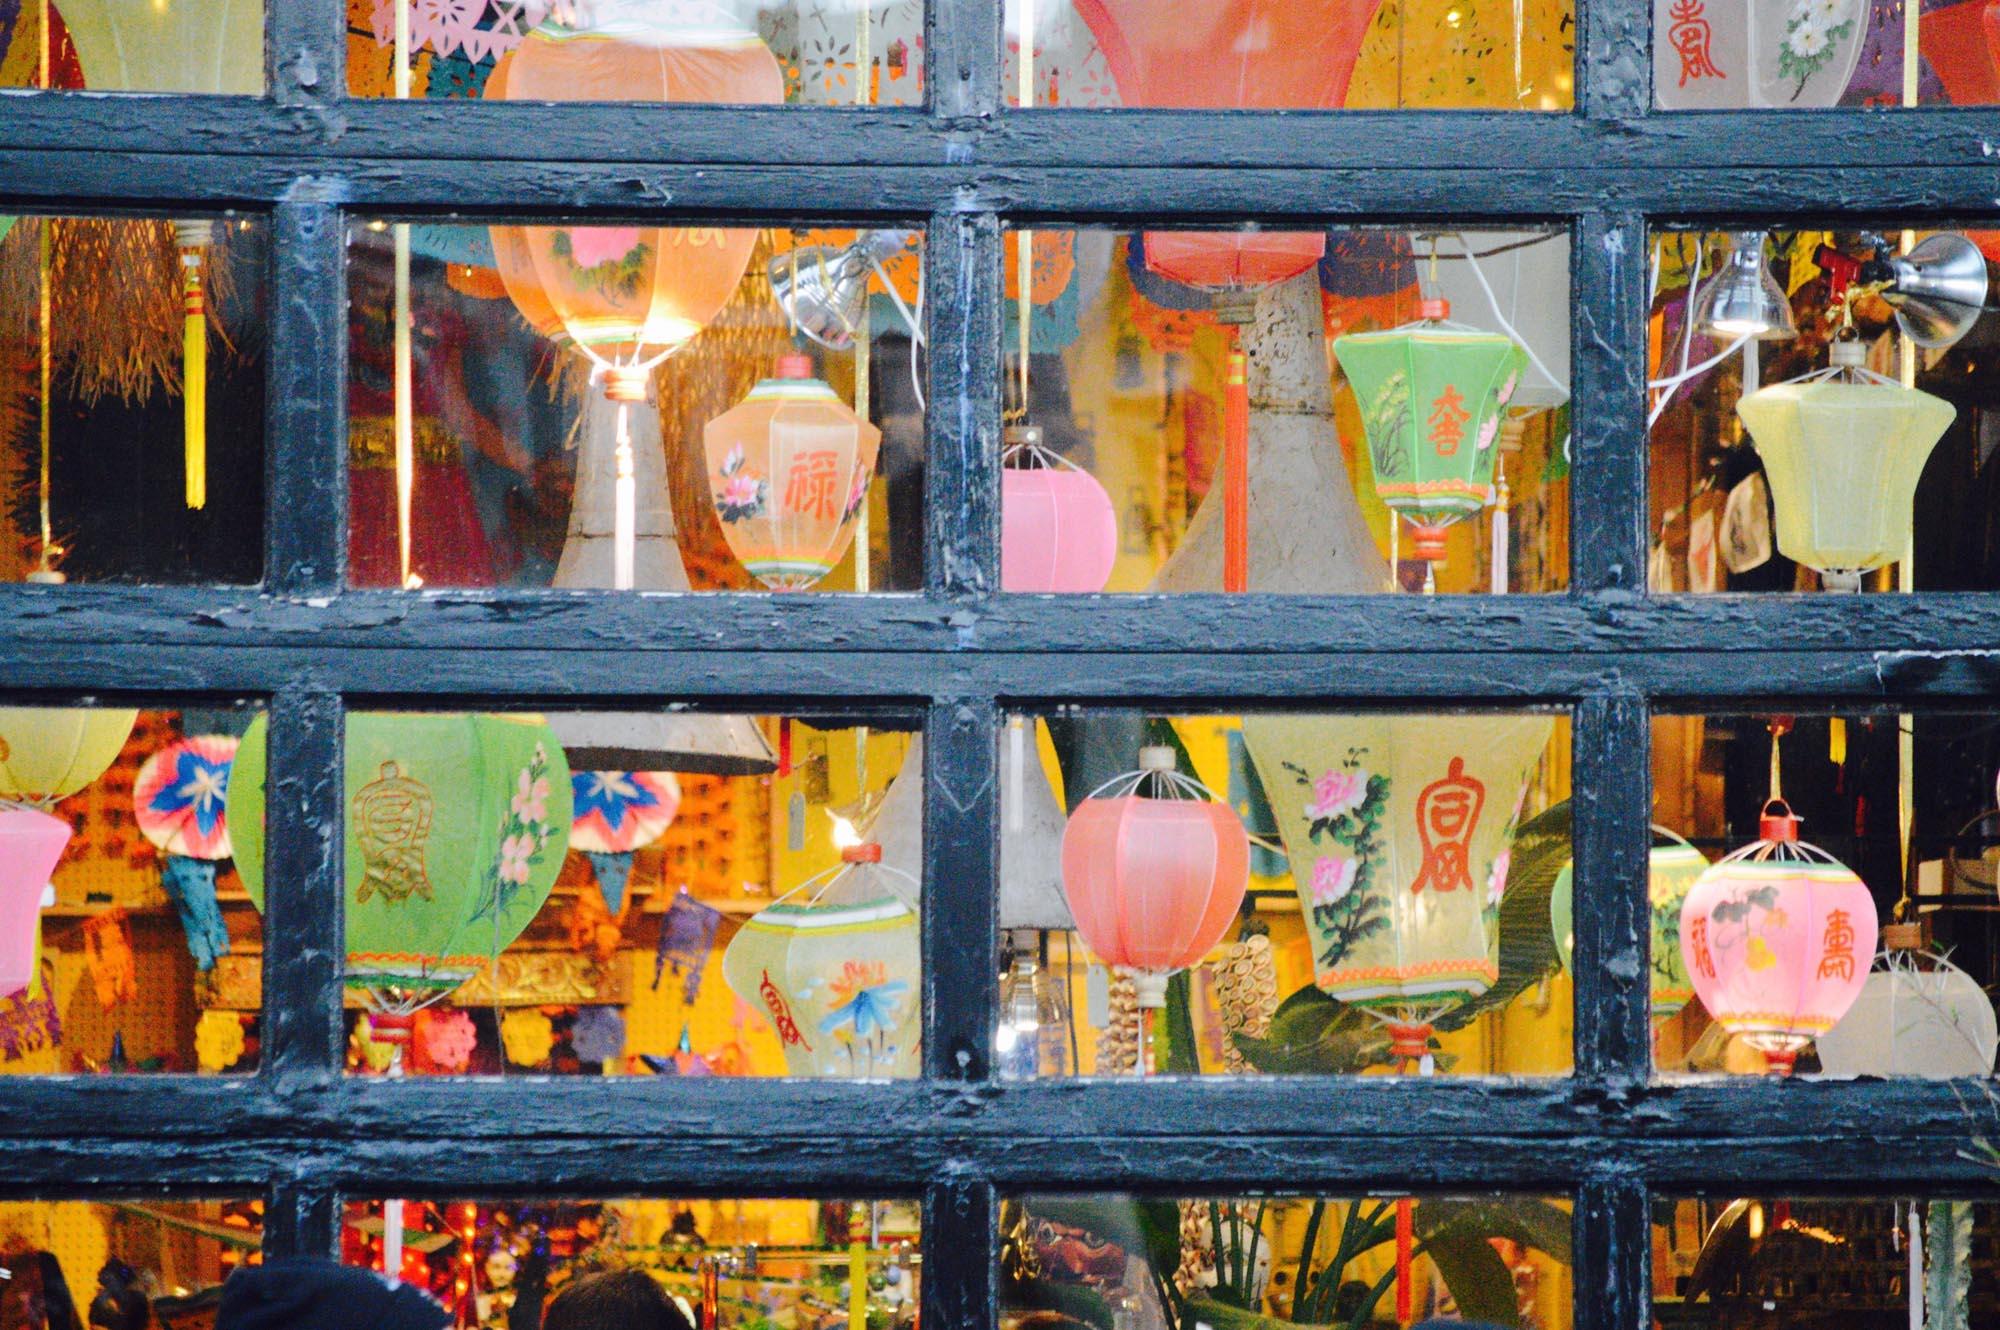 lanterns-in-window